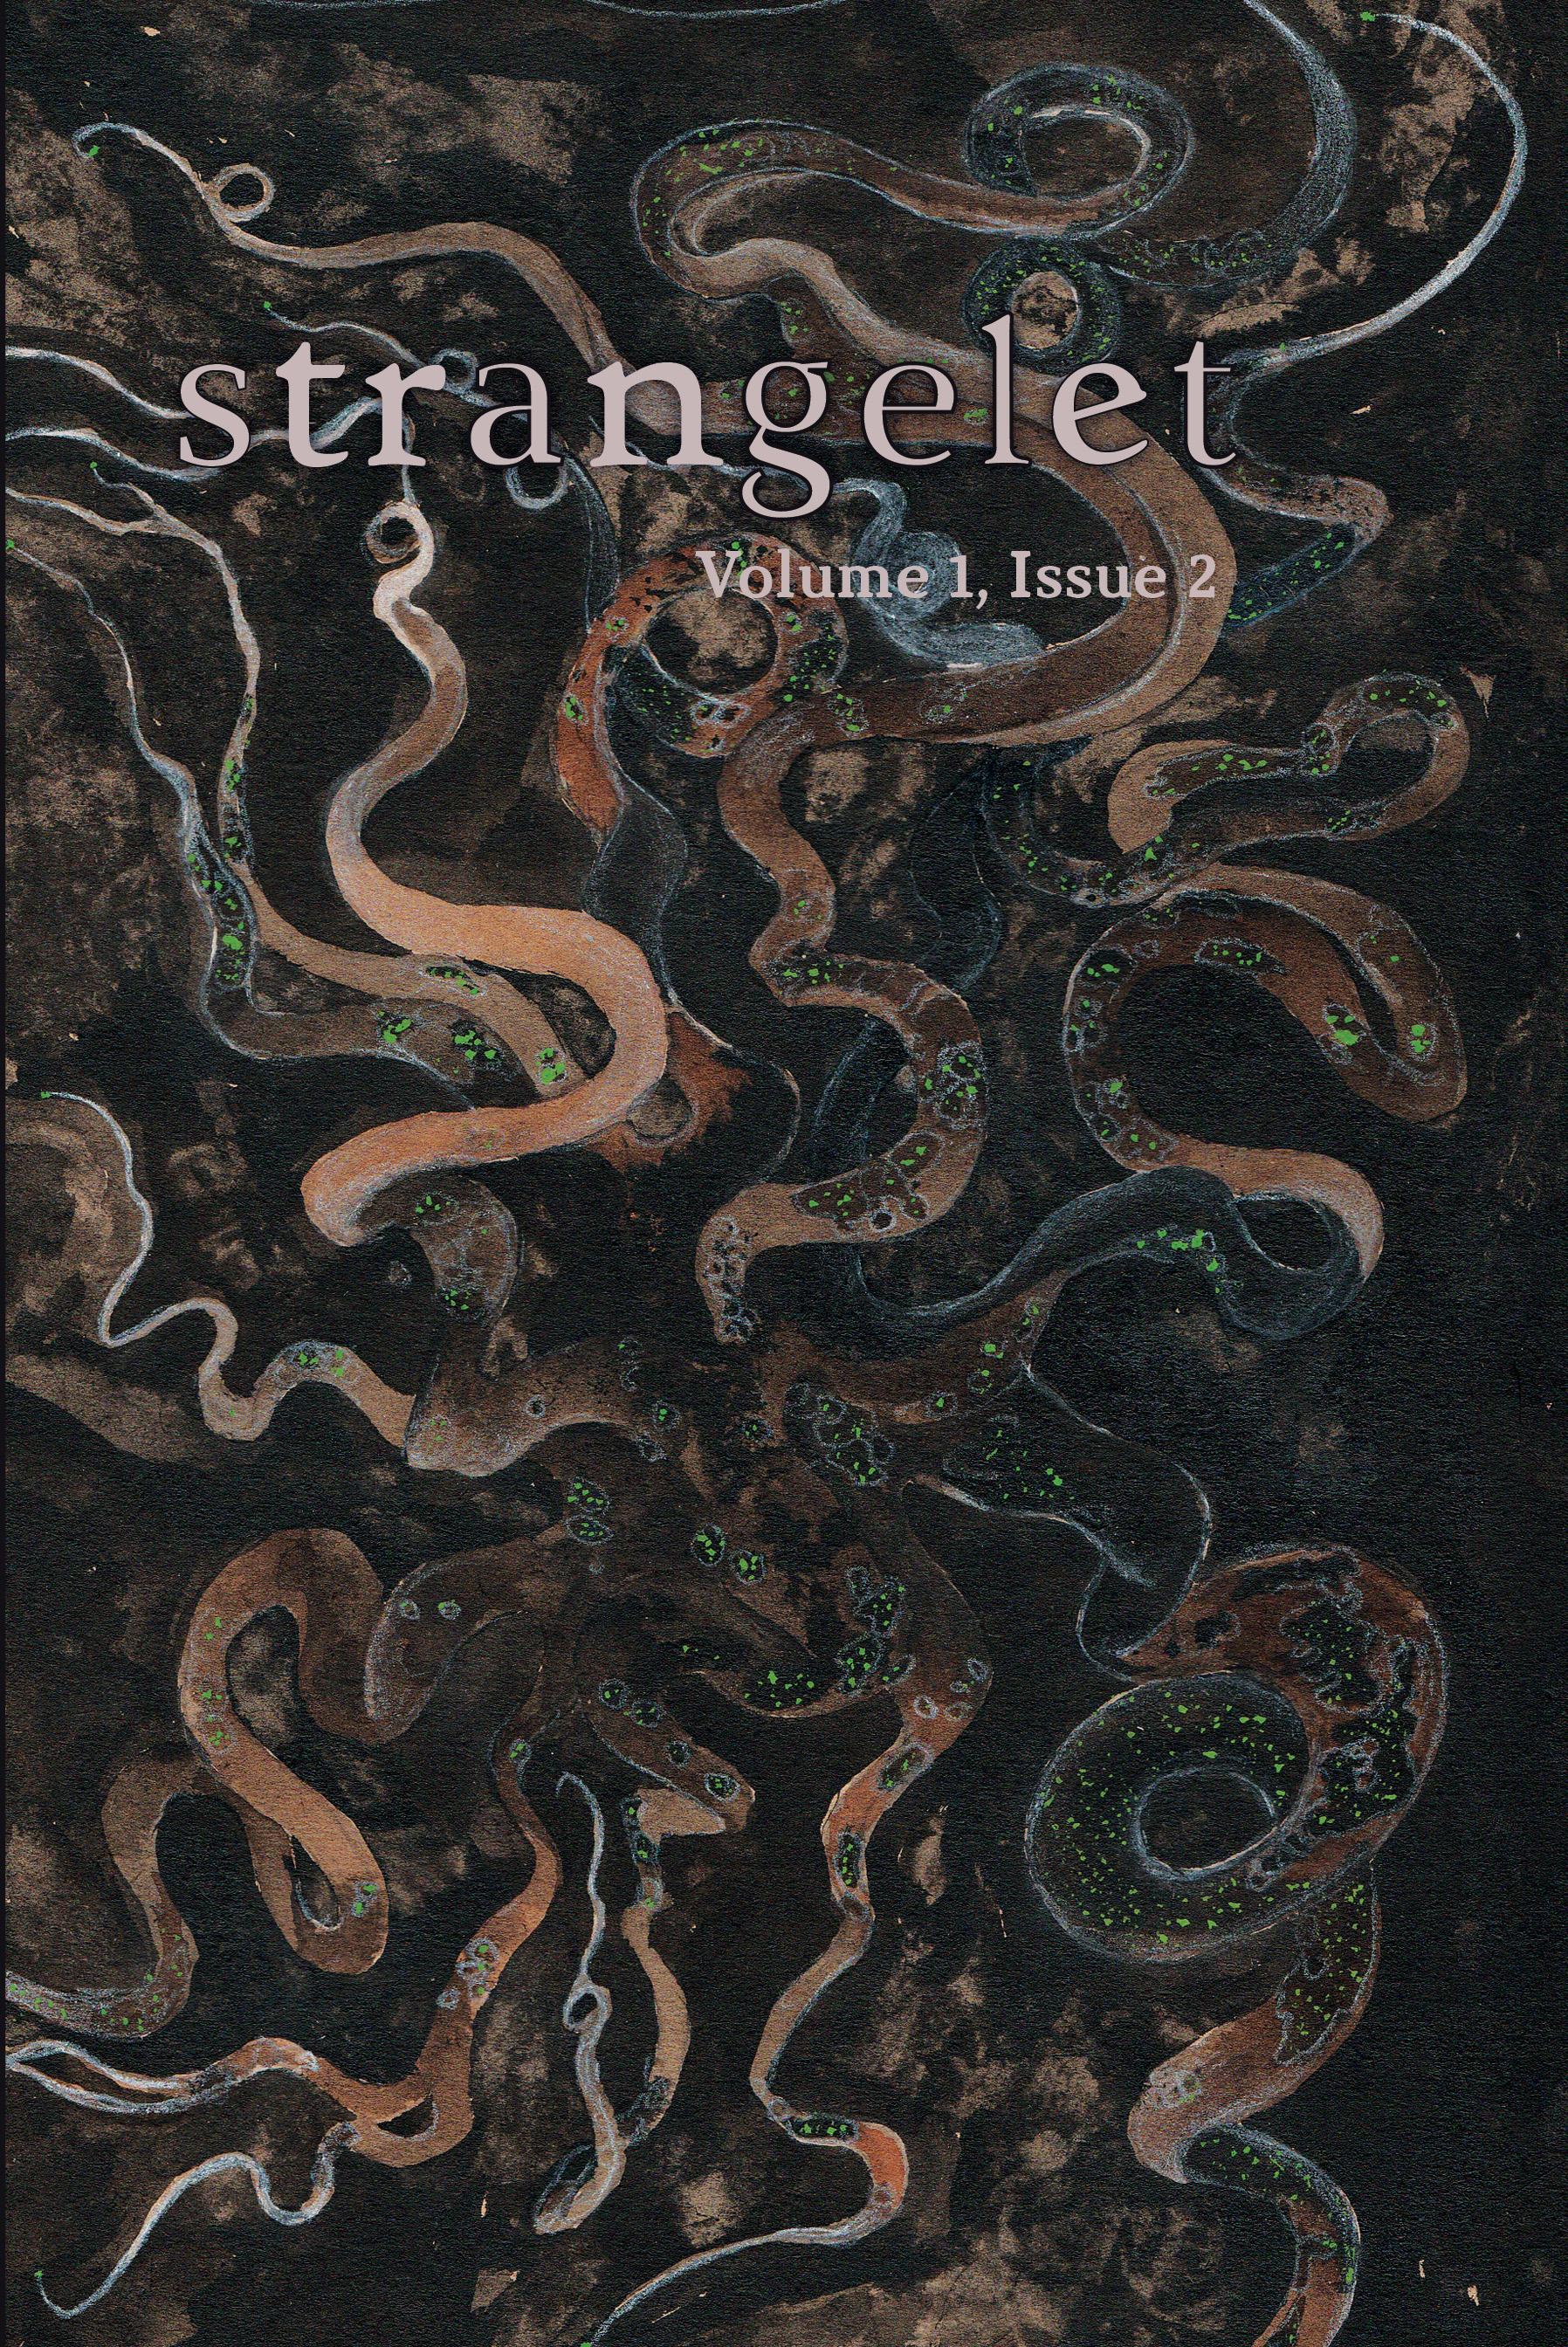 Strangelet1-2_Cover-ONLINE